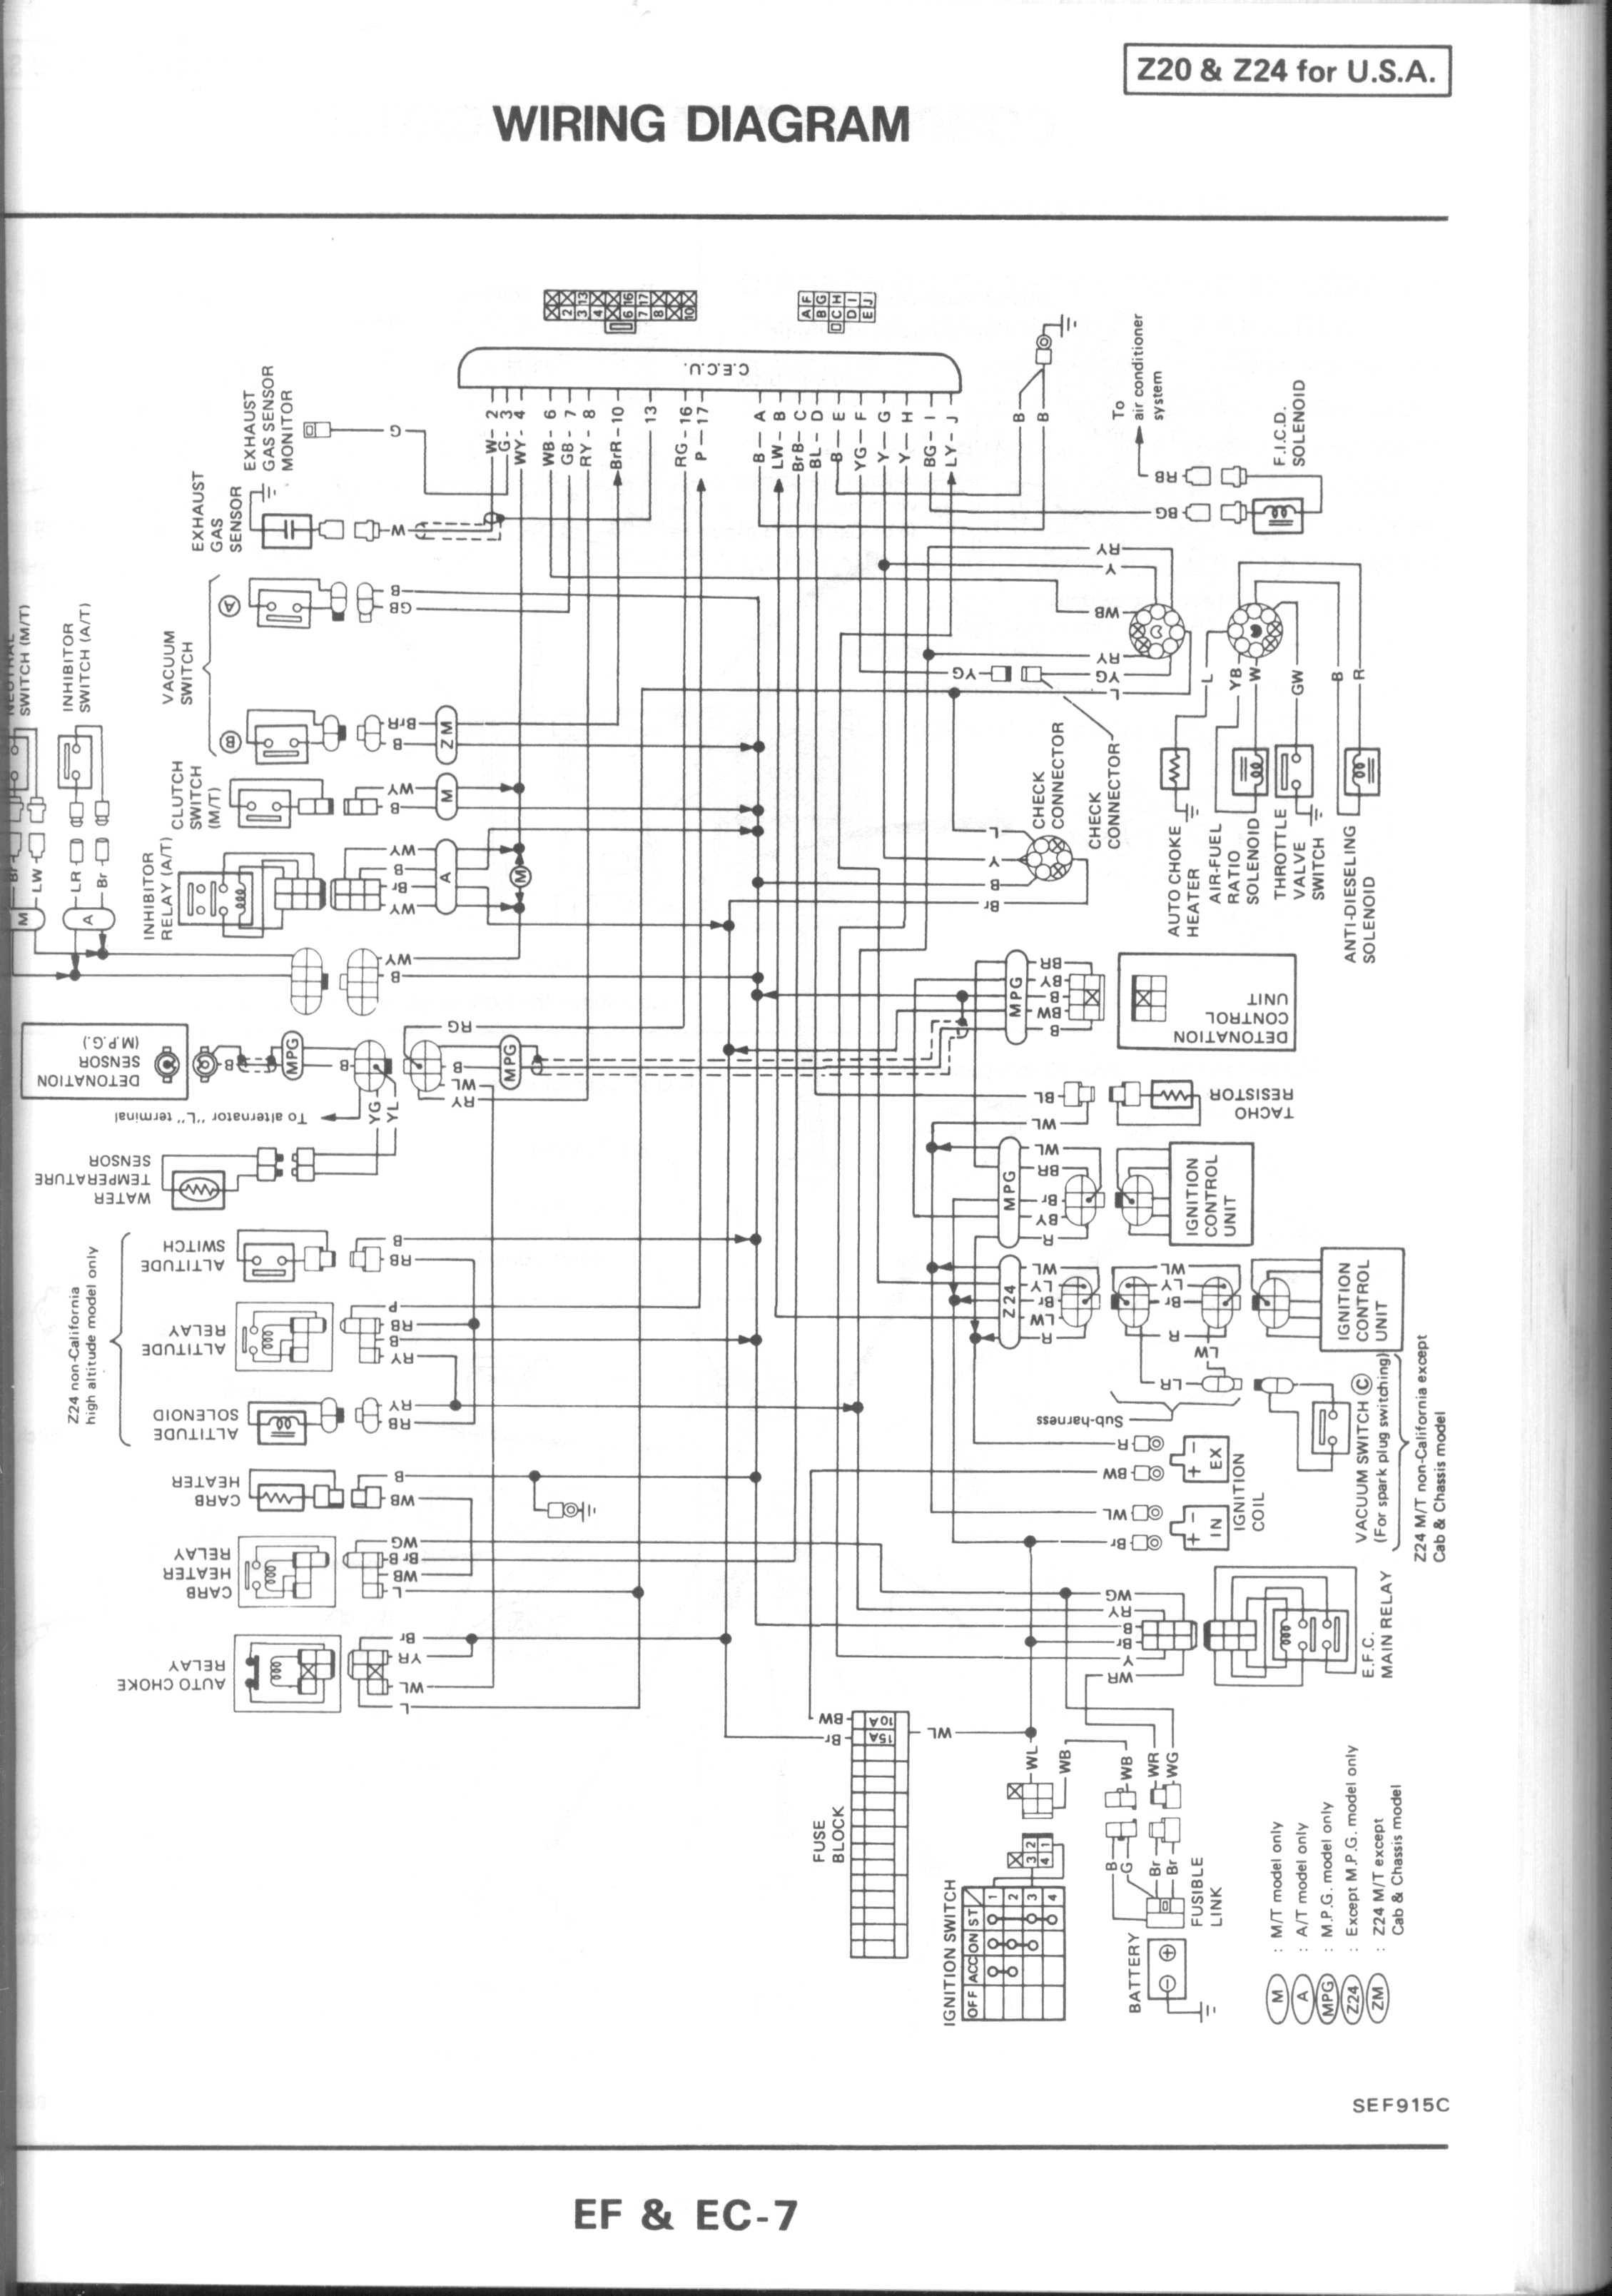 Jeep Comanche Wiring Diagram from detoxicrecenze.com